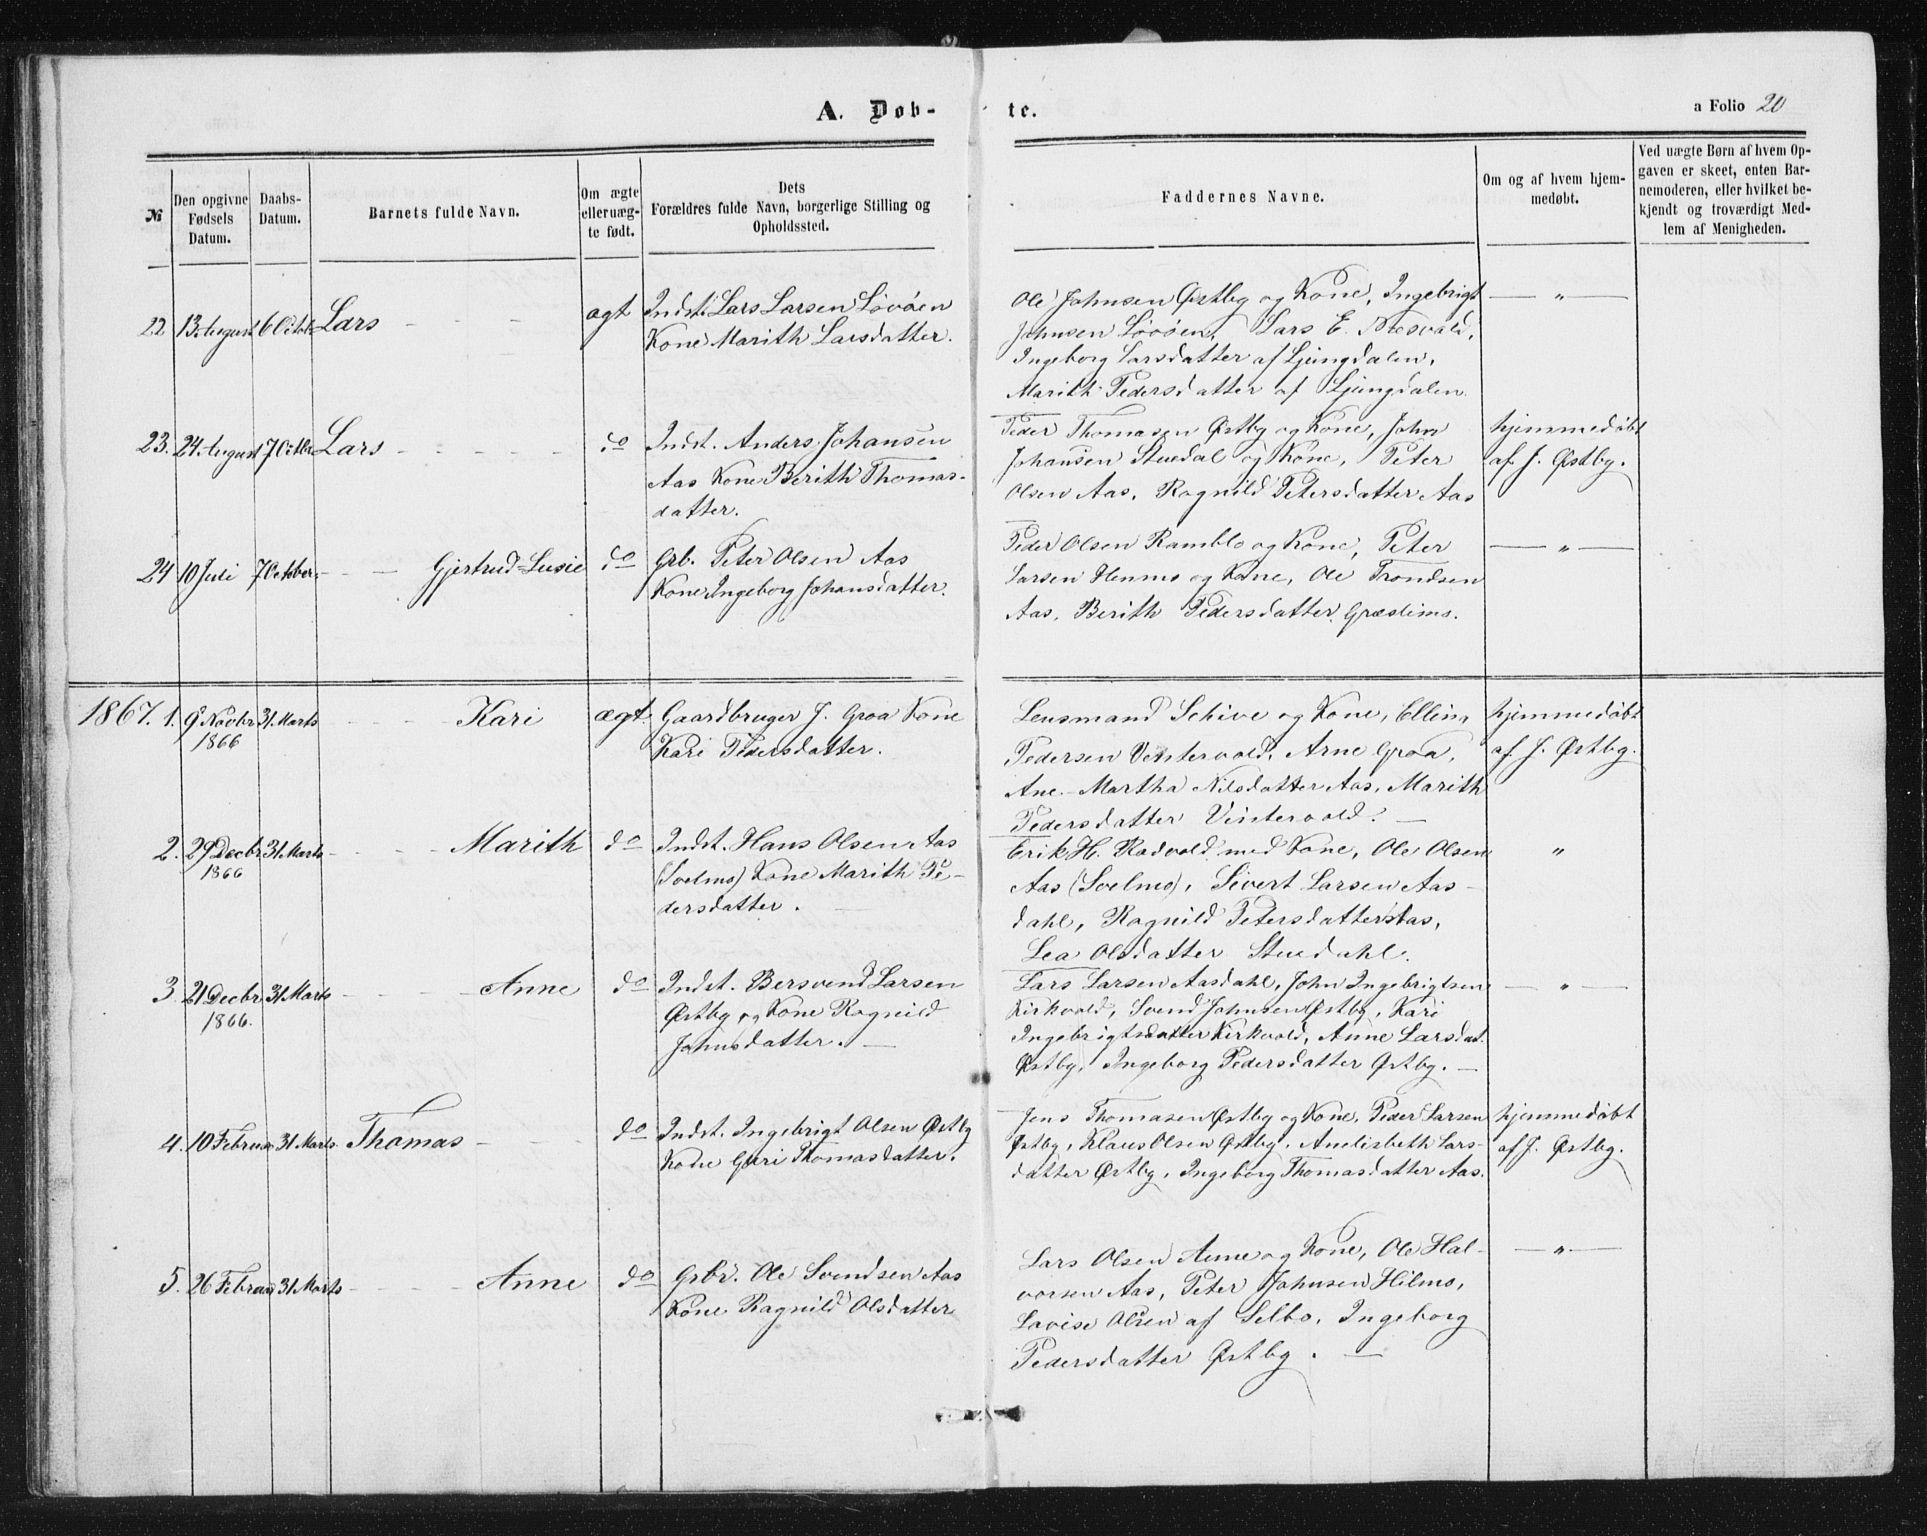 SAT, Ministerialprotokoller, klokkerbøker og fødselsregistre - Sør-Trøndelag, 698/L1166: Klokkerbok nr. 698C03, 1861-1887, s. 20